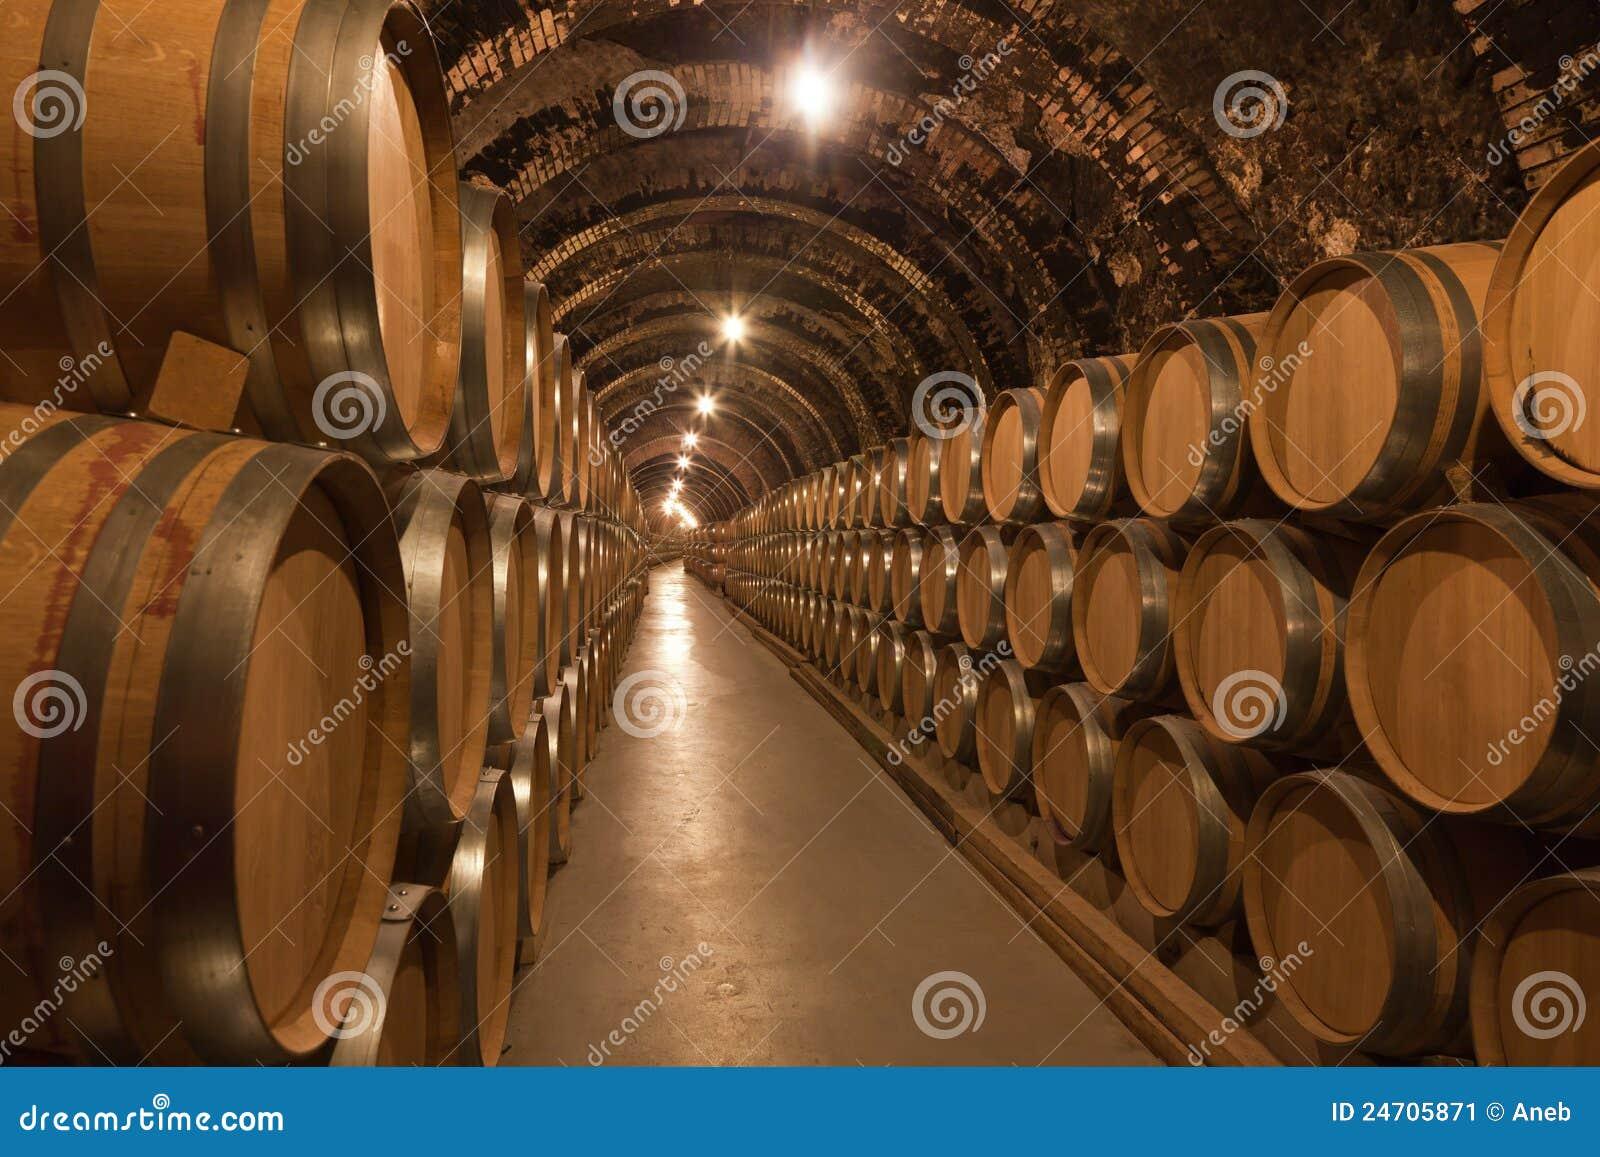 Barils de vin dans la cave